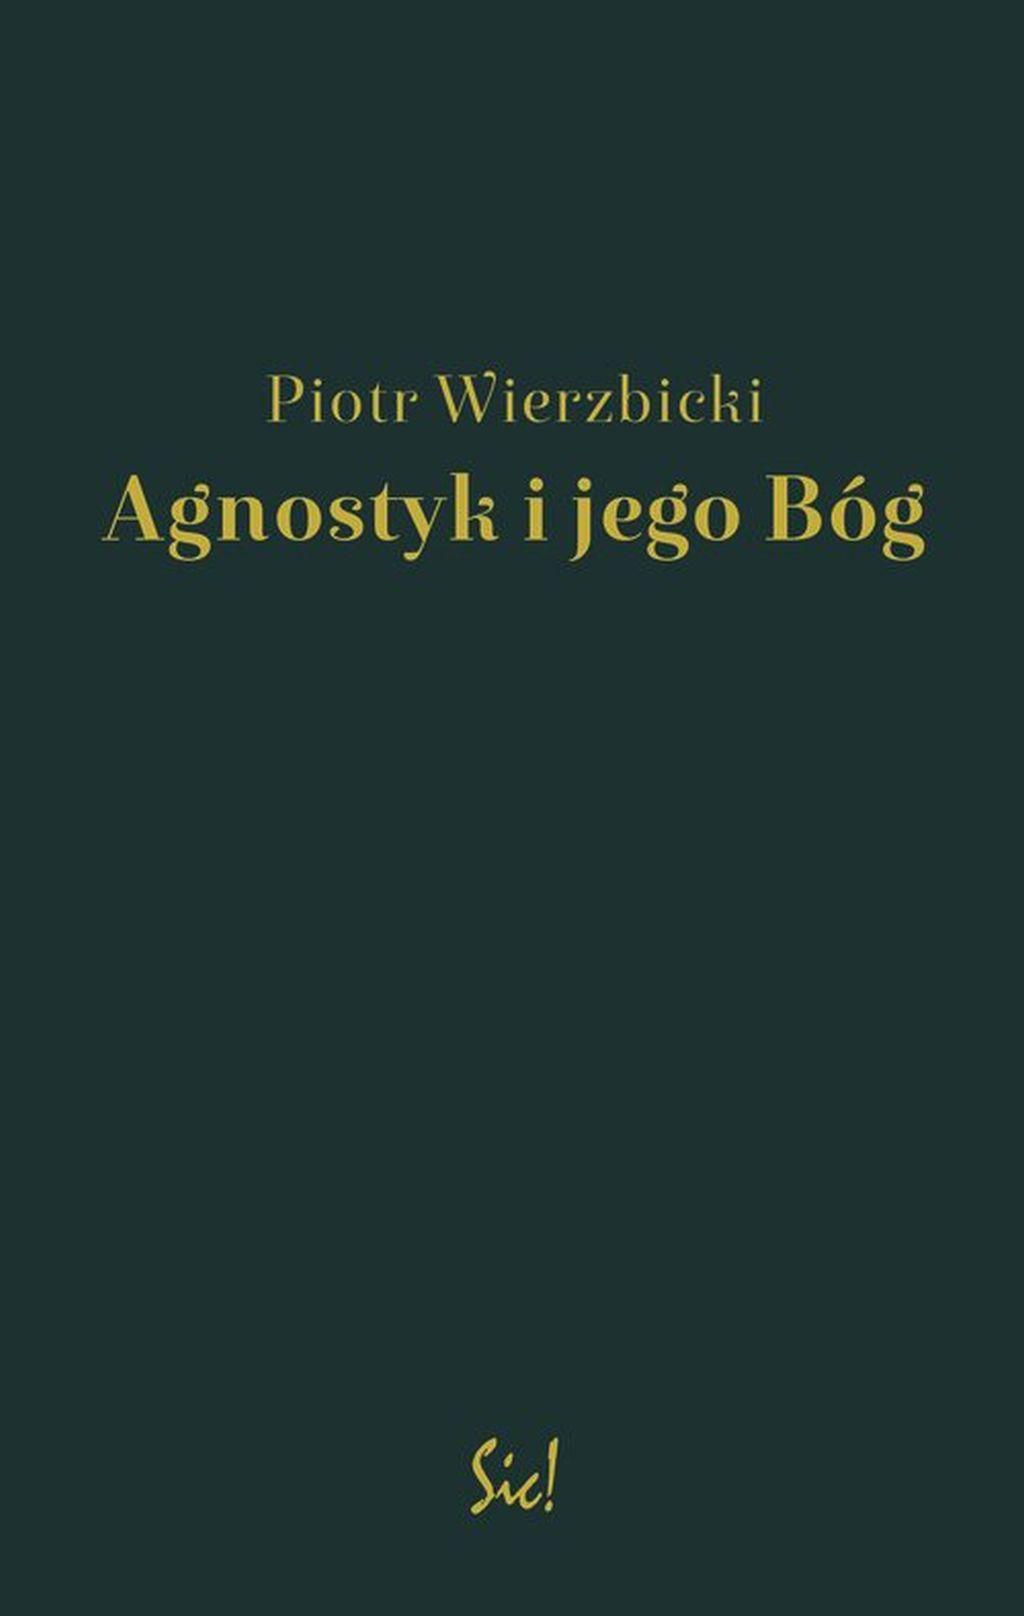 """Piotr Wierzbicki, """"Agnostyk i jego Bóg"""" (źródło: materiały prasowe wydawnictwo)"""